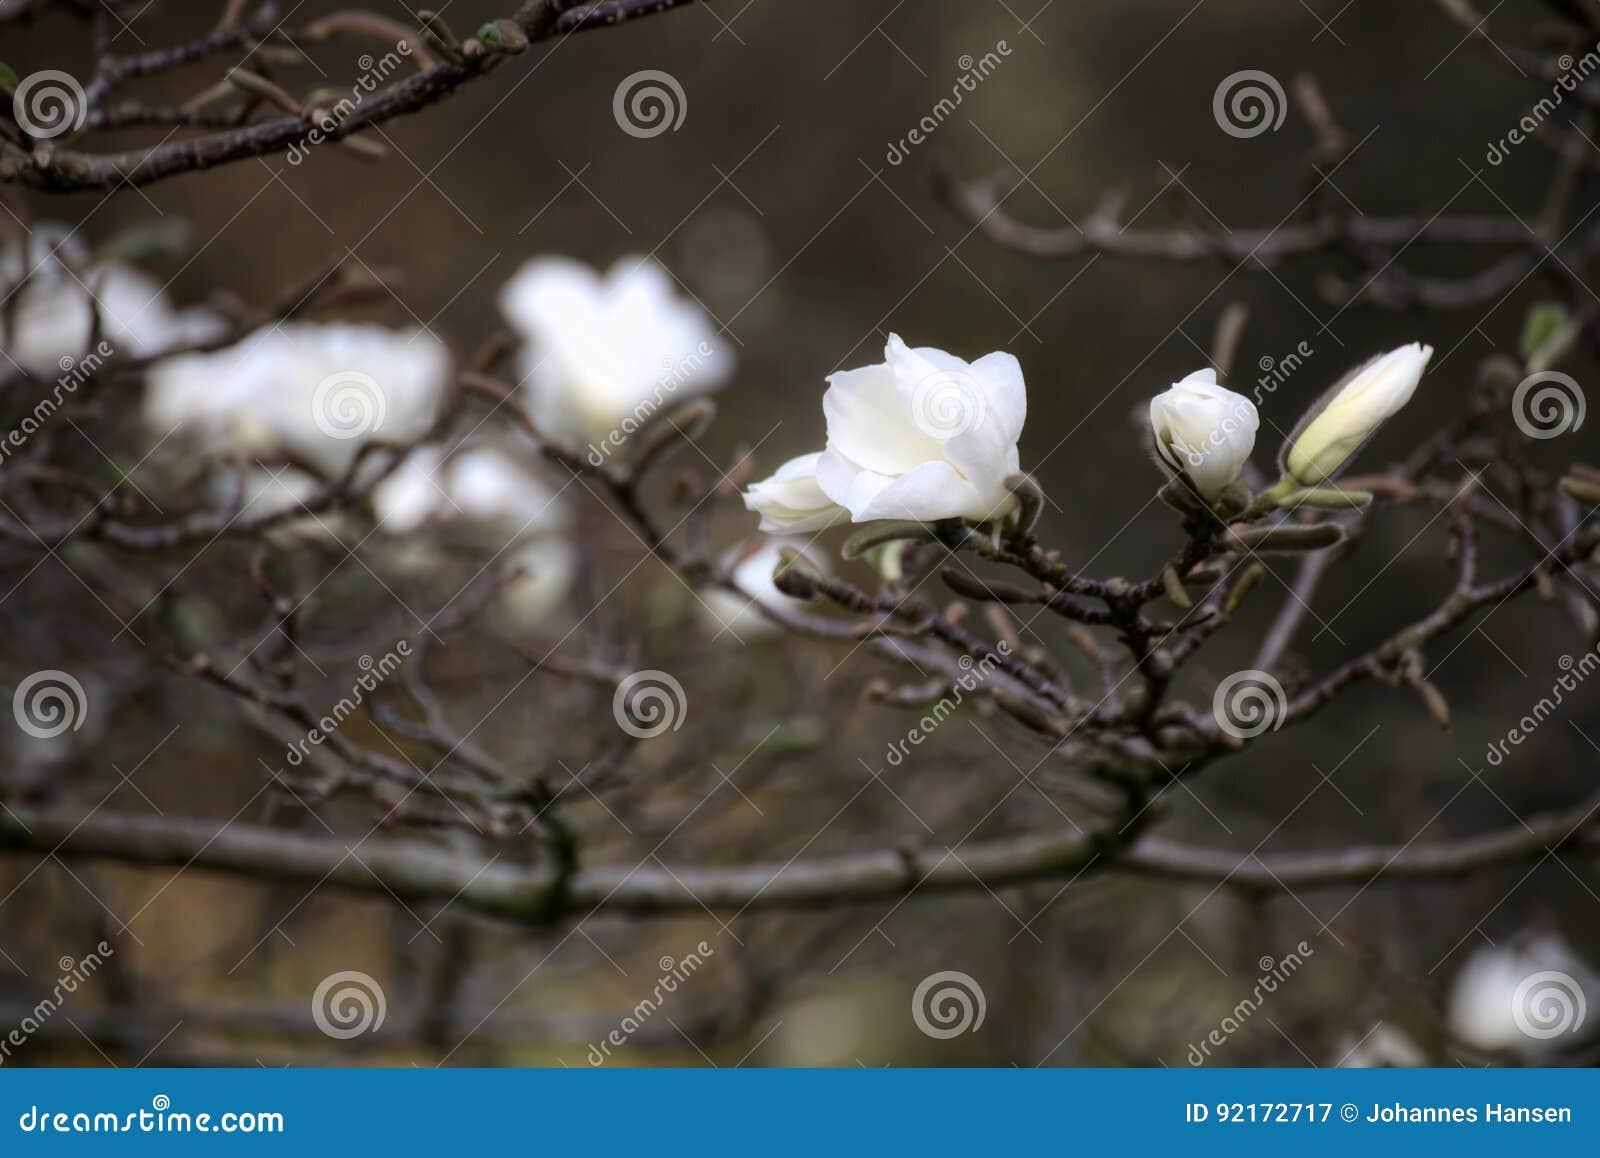 Magnoliakobus som är bekant som mokryeon, med vita blomningar